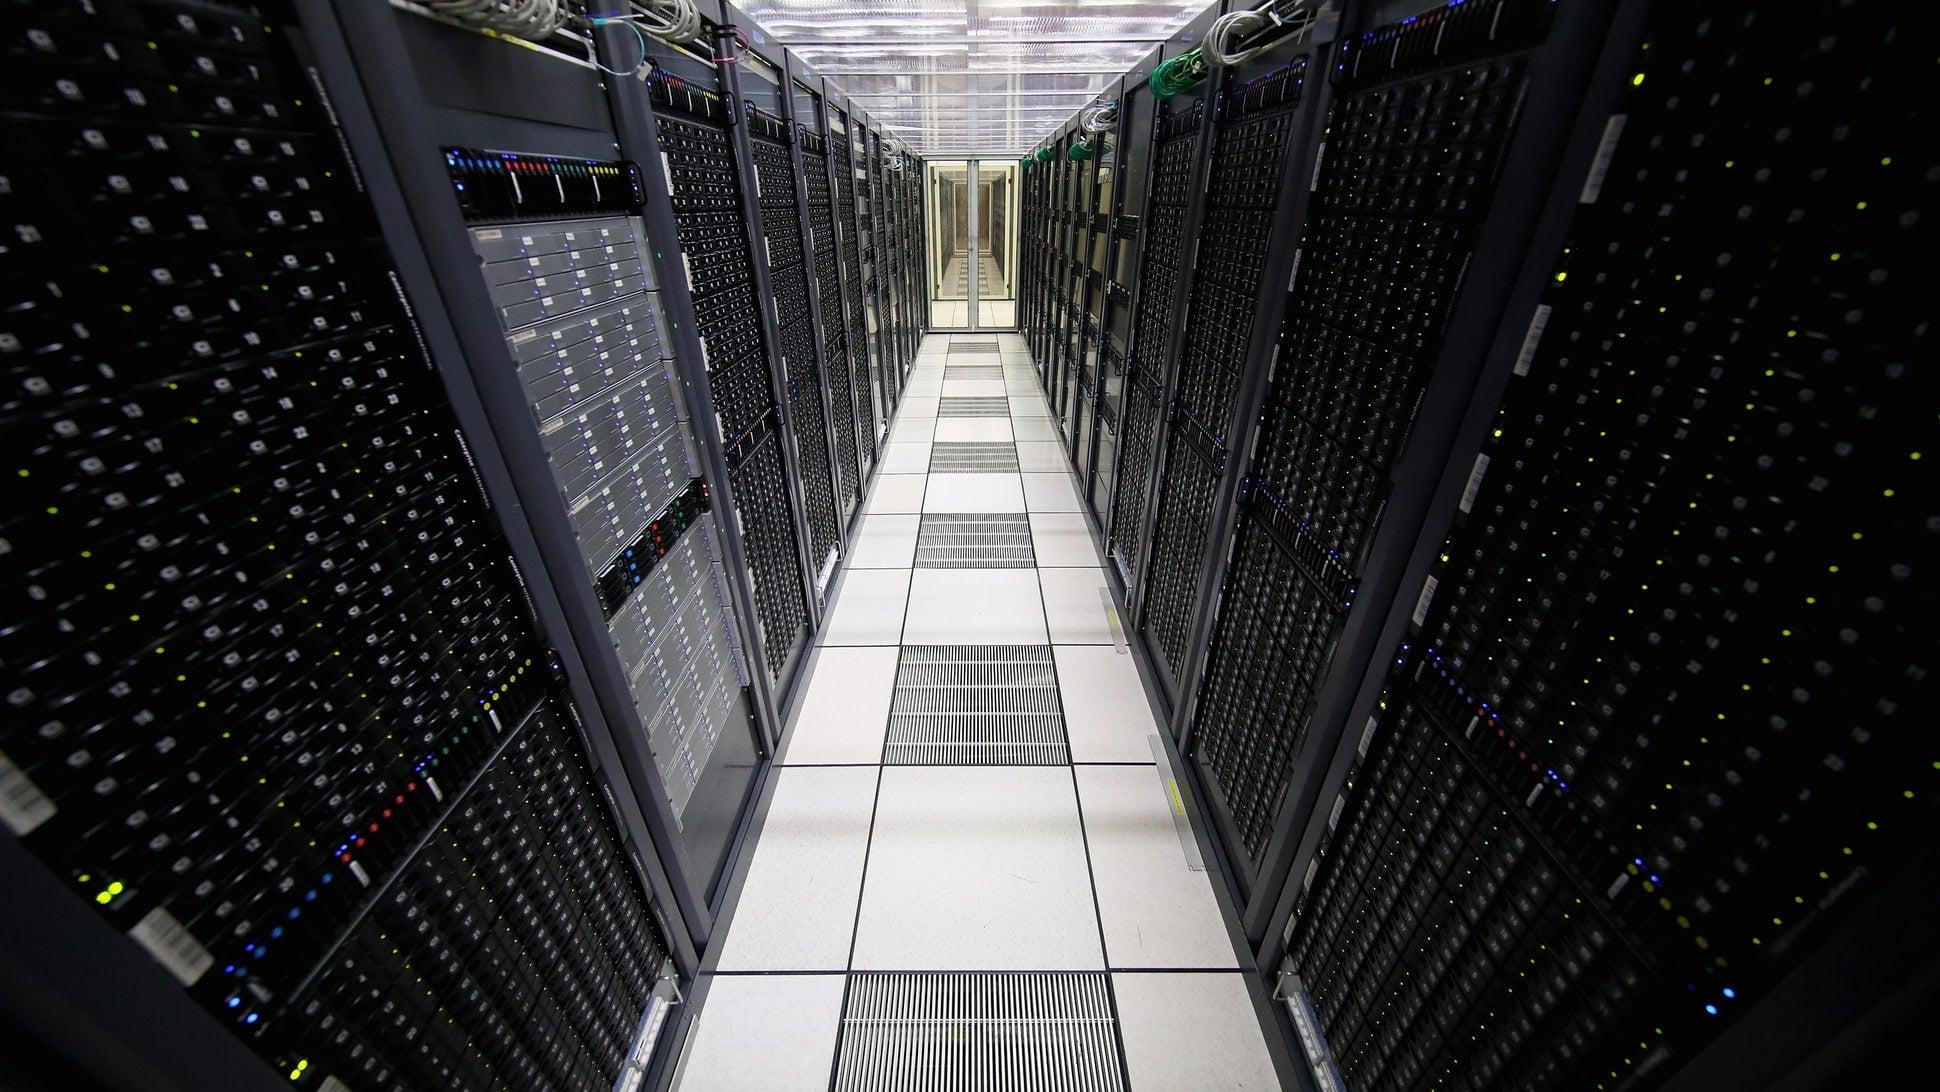 20 lat historii grania w chmurze, i dalej nikt tego nie lubi. Czy zmieni to Google, NVIDIA albo Microsoft? 20